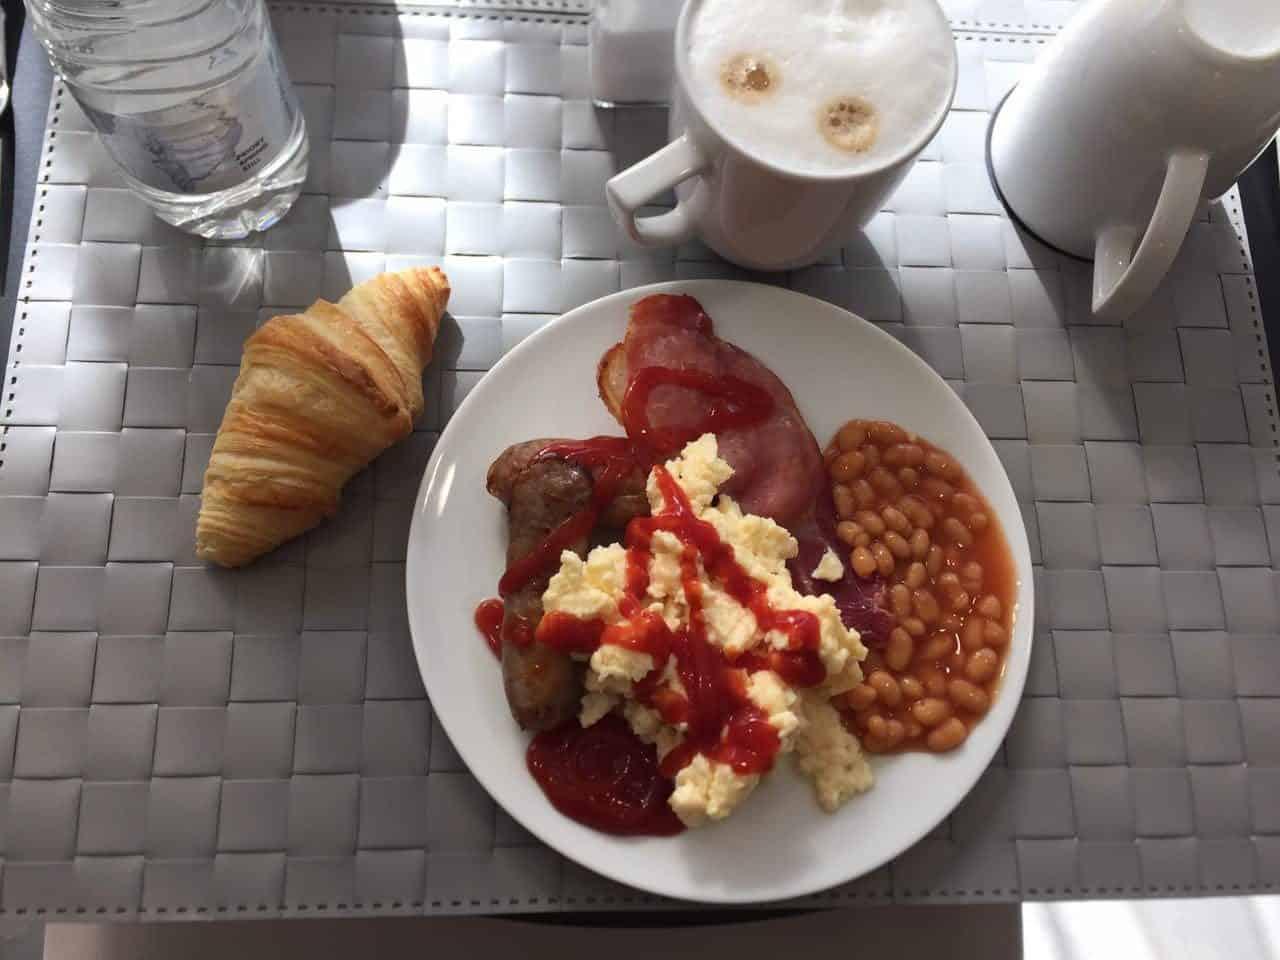 morgenmad på hotel i birmingham